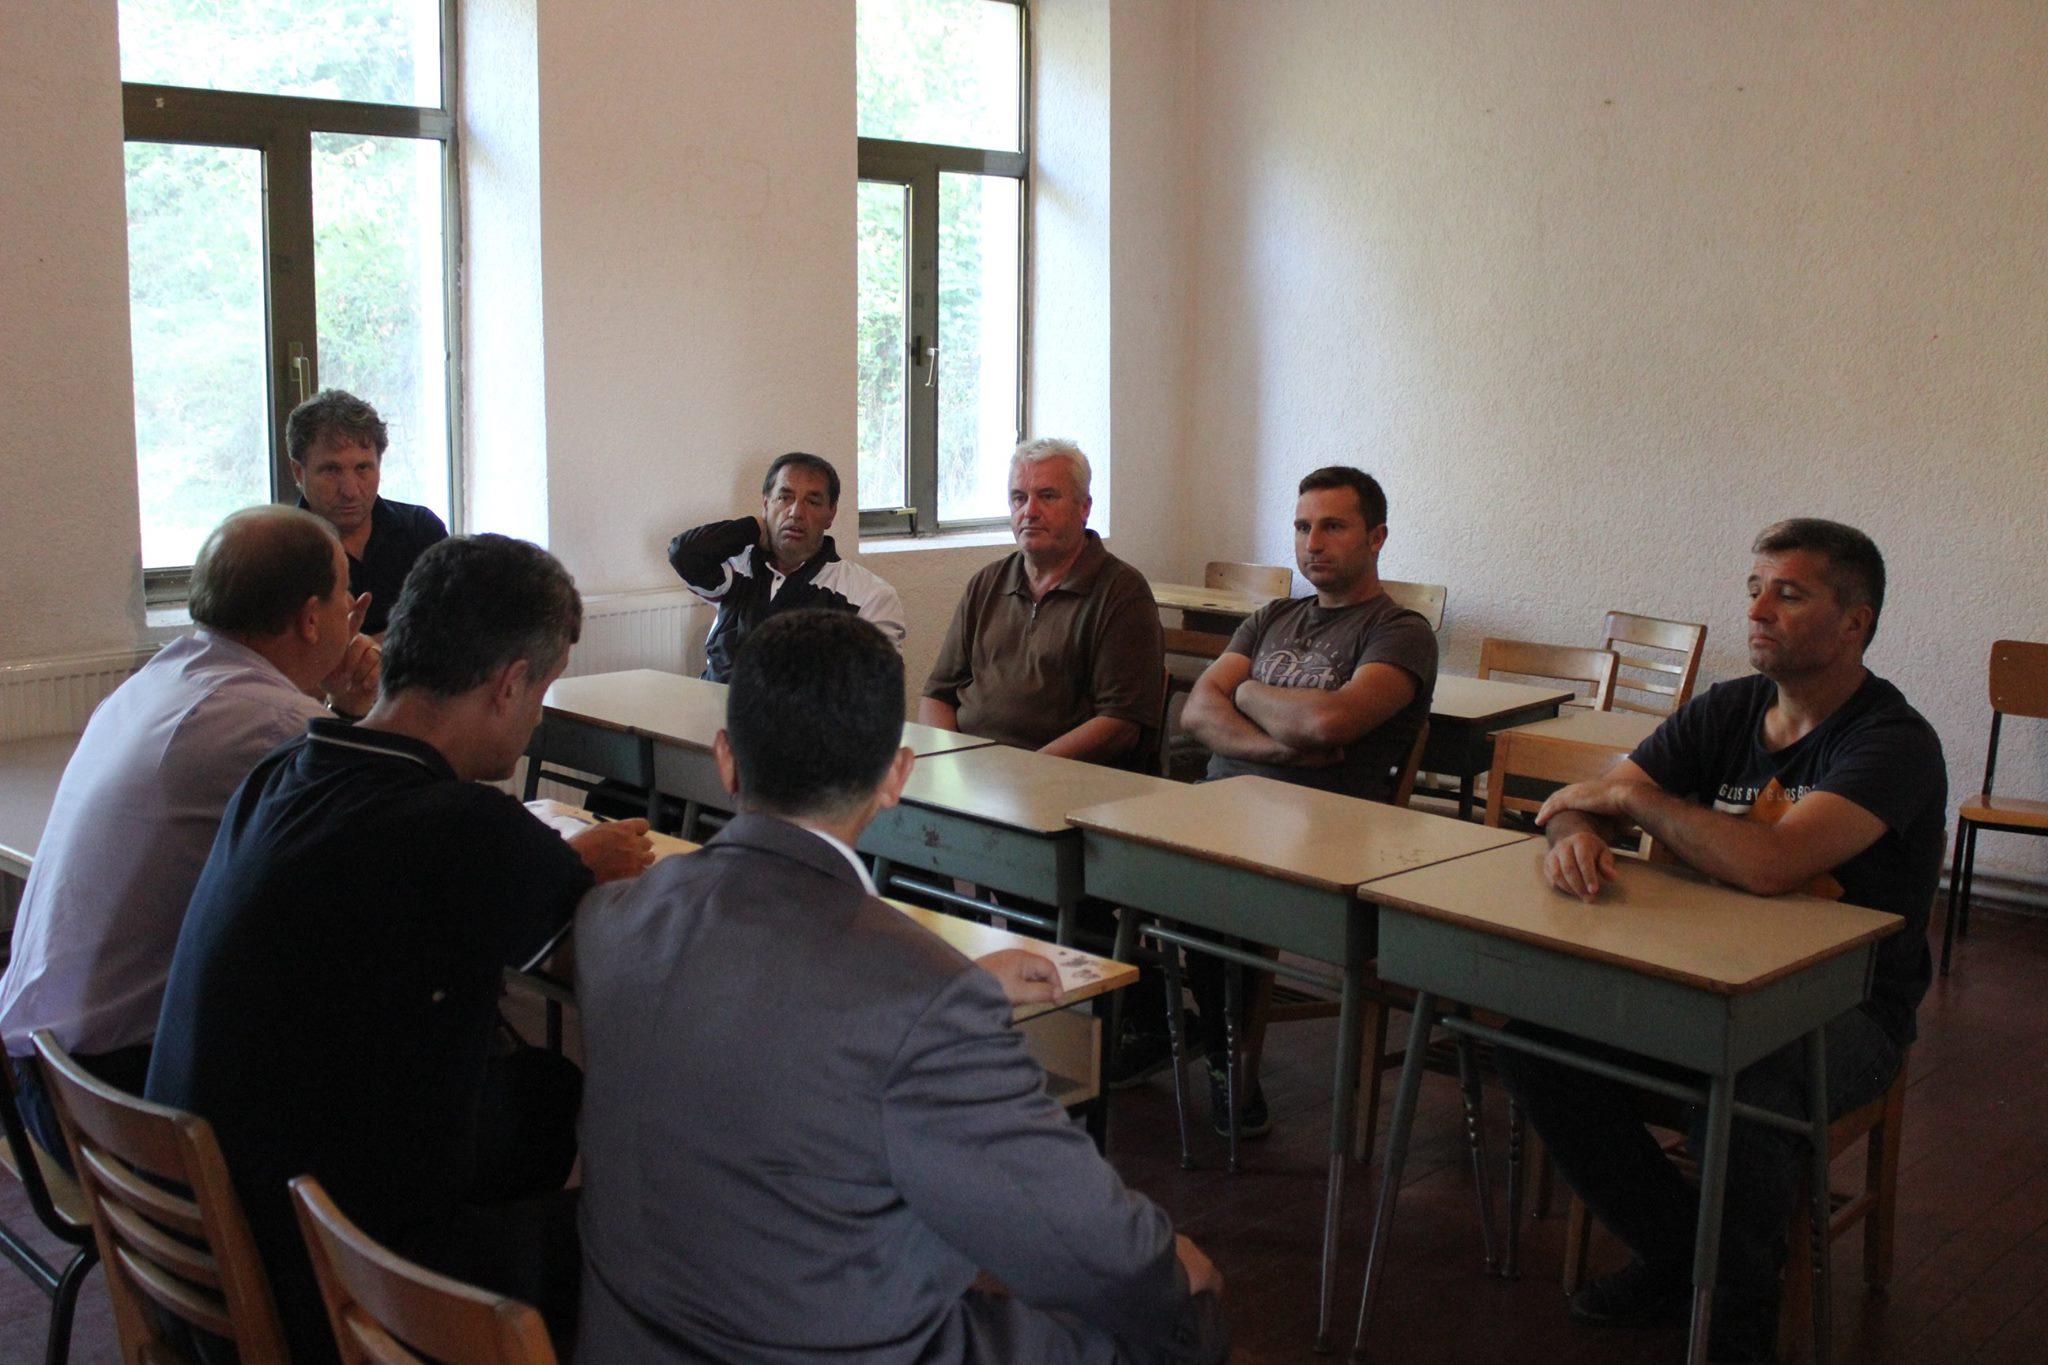 Komuna e Vitisë mbajti diskutim publik me komunitetin jo shumicë në Binqë